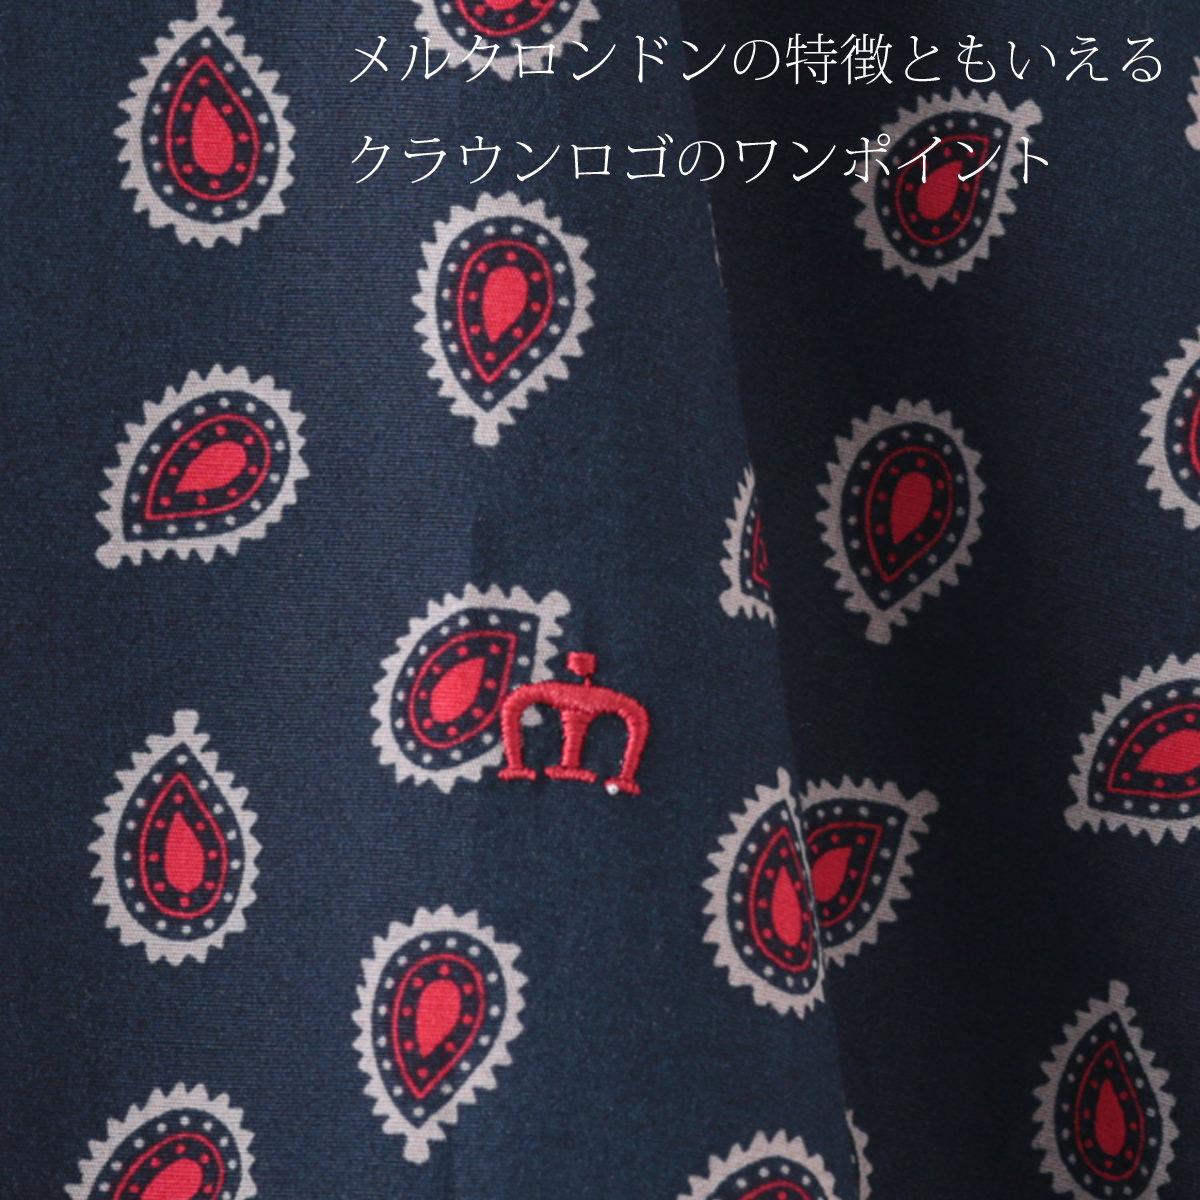 メルクロンドン メンズ ペイズリー 半袖シャツ Merc London ネイビー ボタンダウン モッズファッション